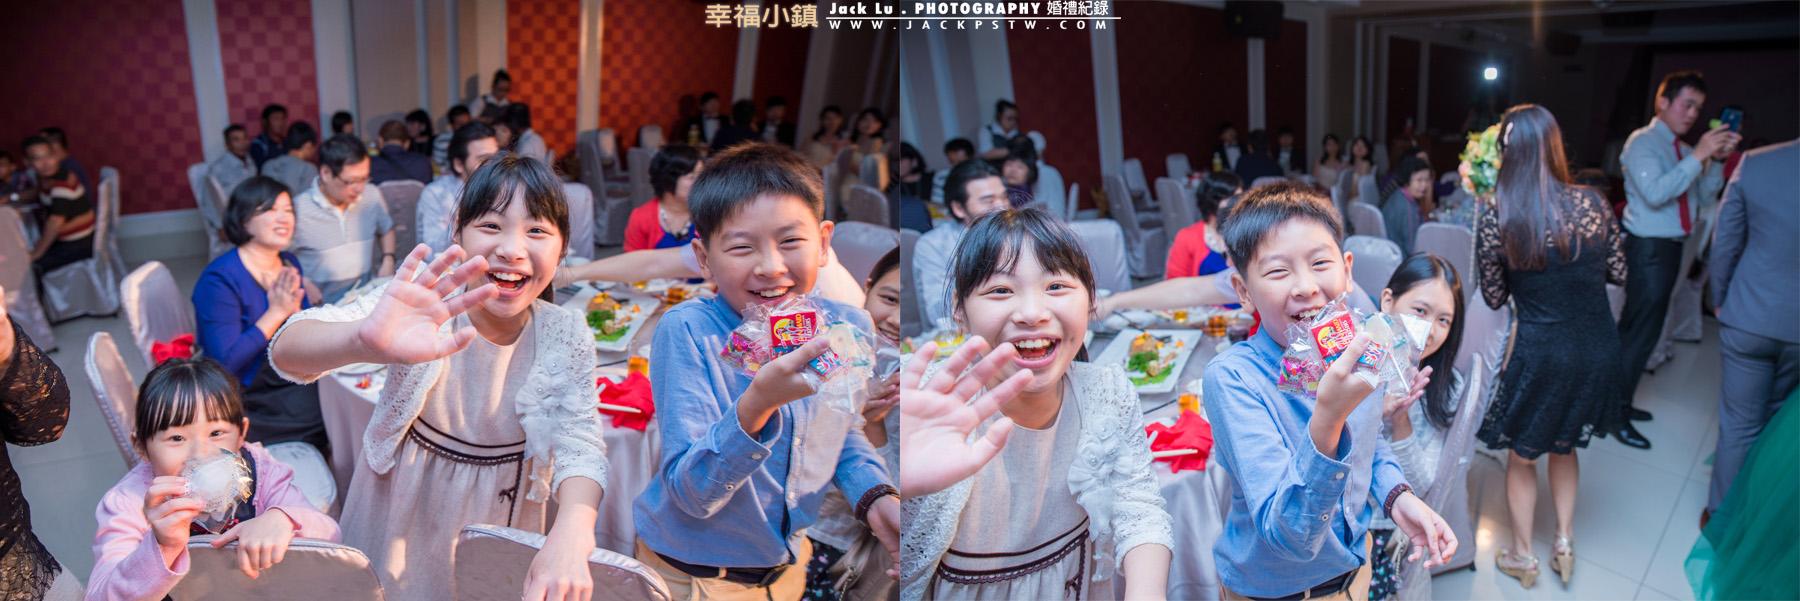 婚禮記錄-小孩-小朋友-照片-22